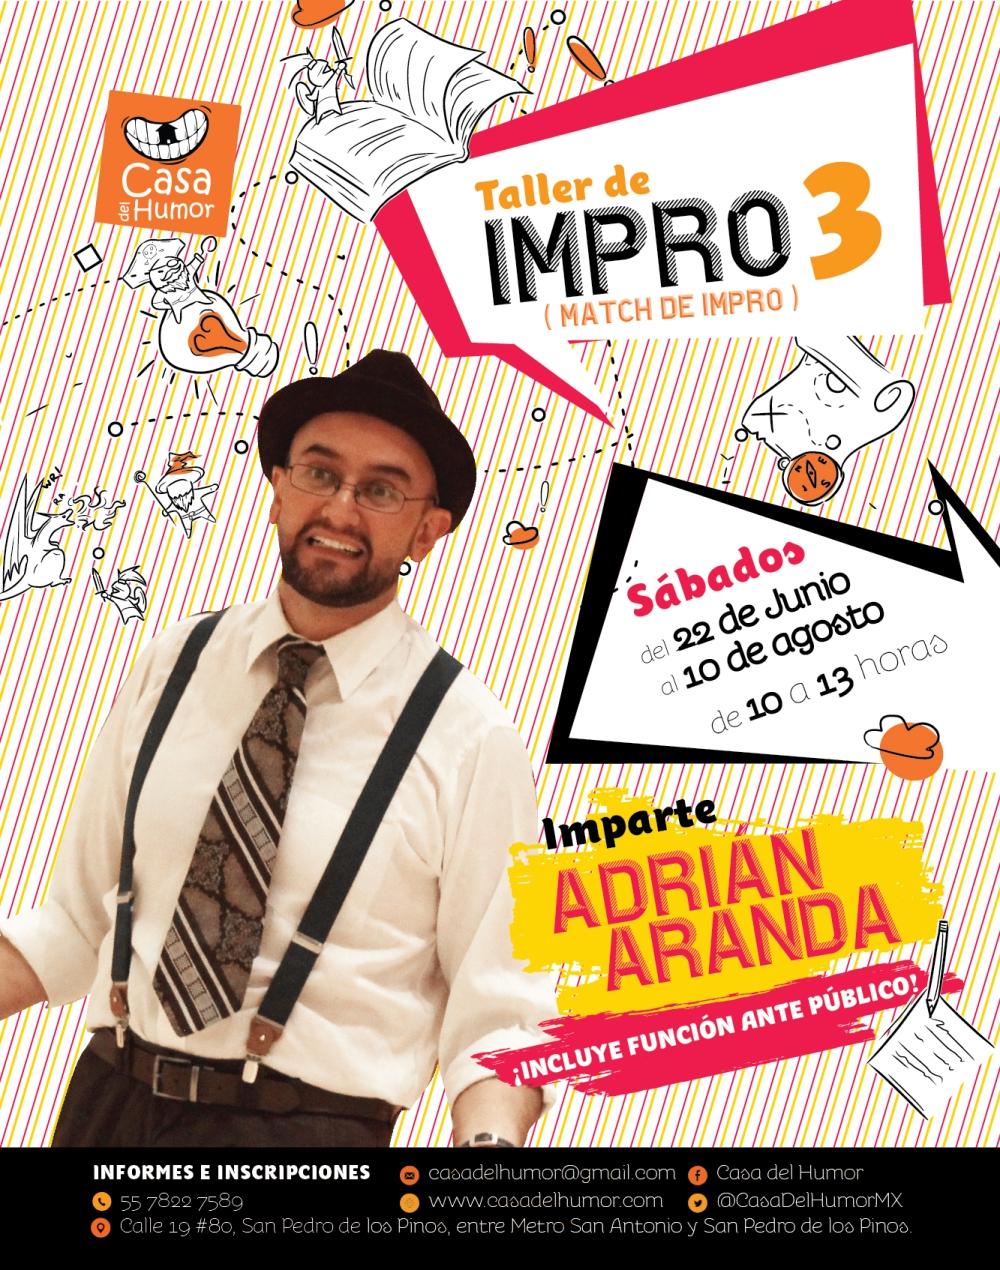 Casa_del_humor_impro3_adrian_aranda-01